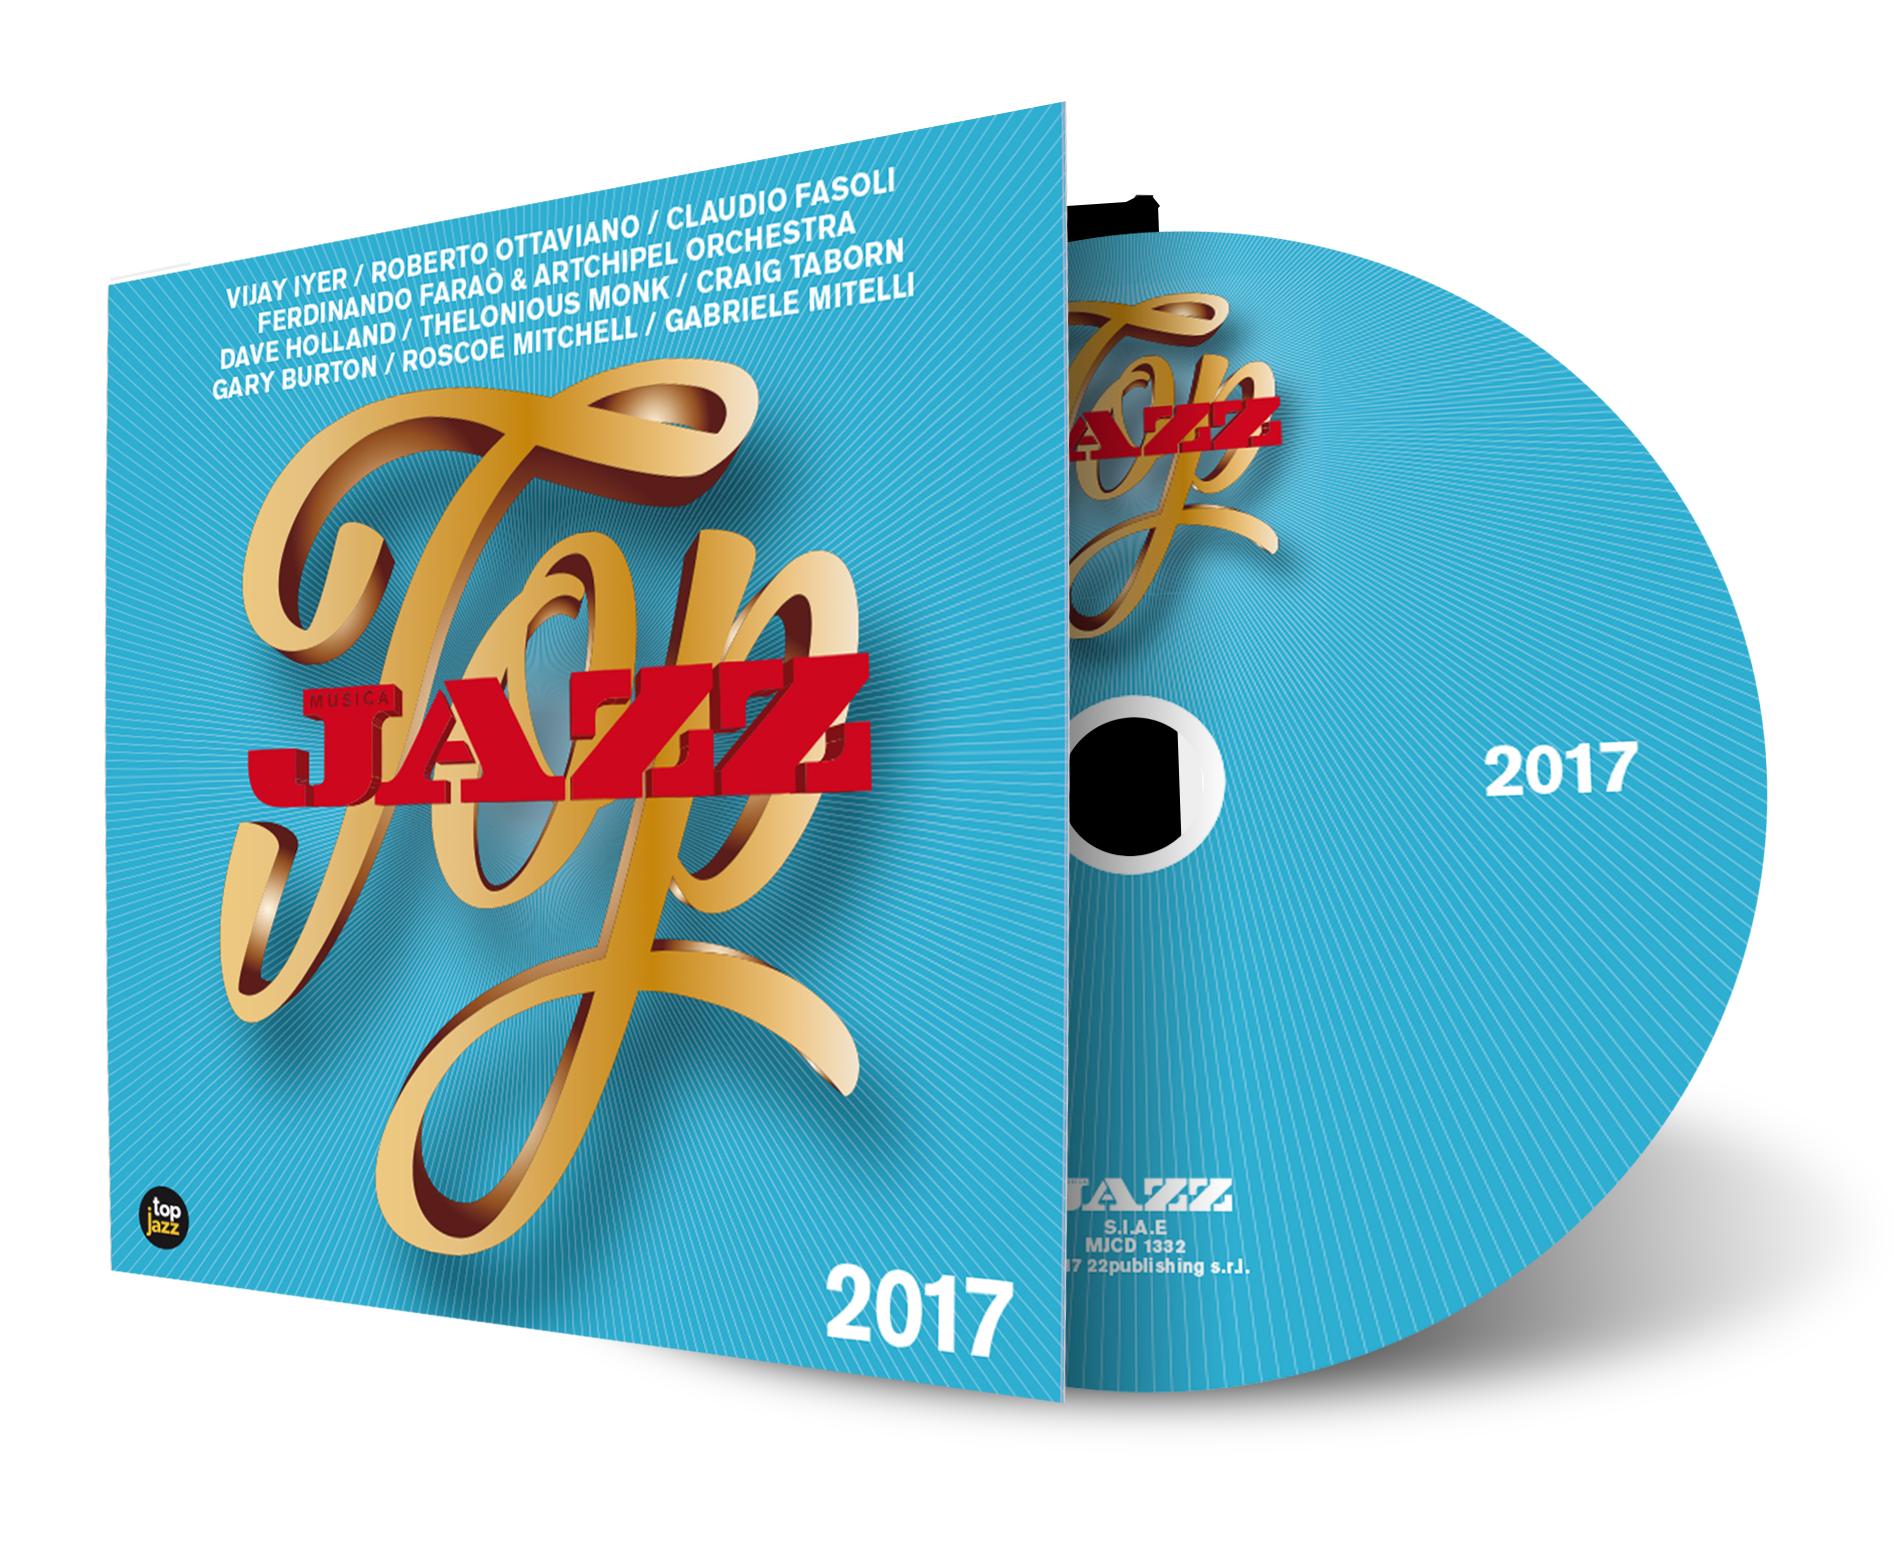 Top jazz 2017